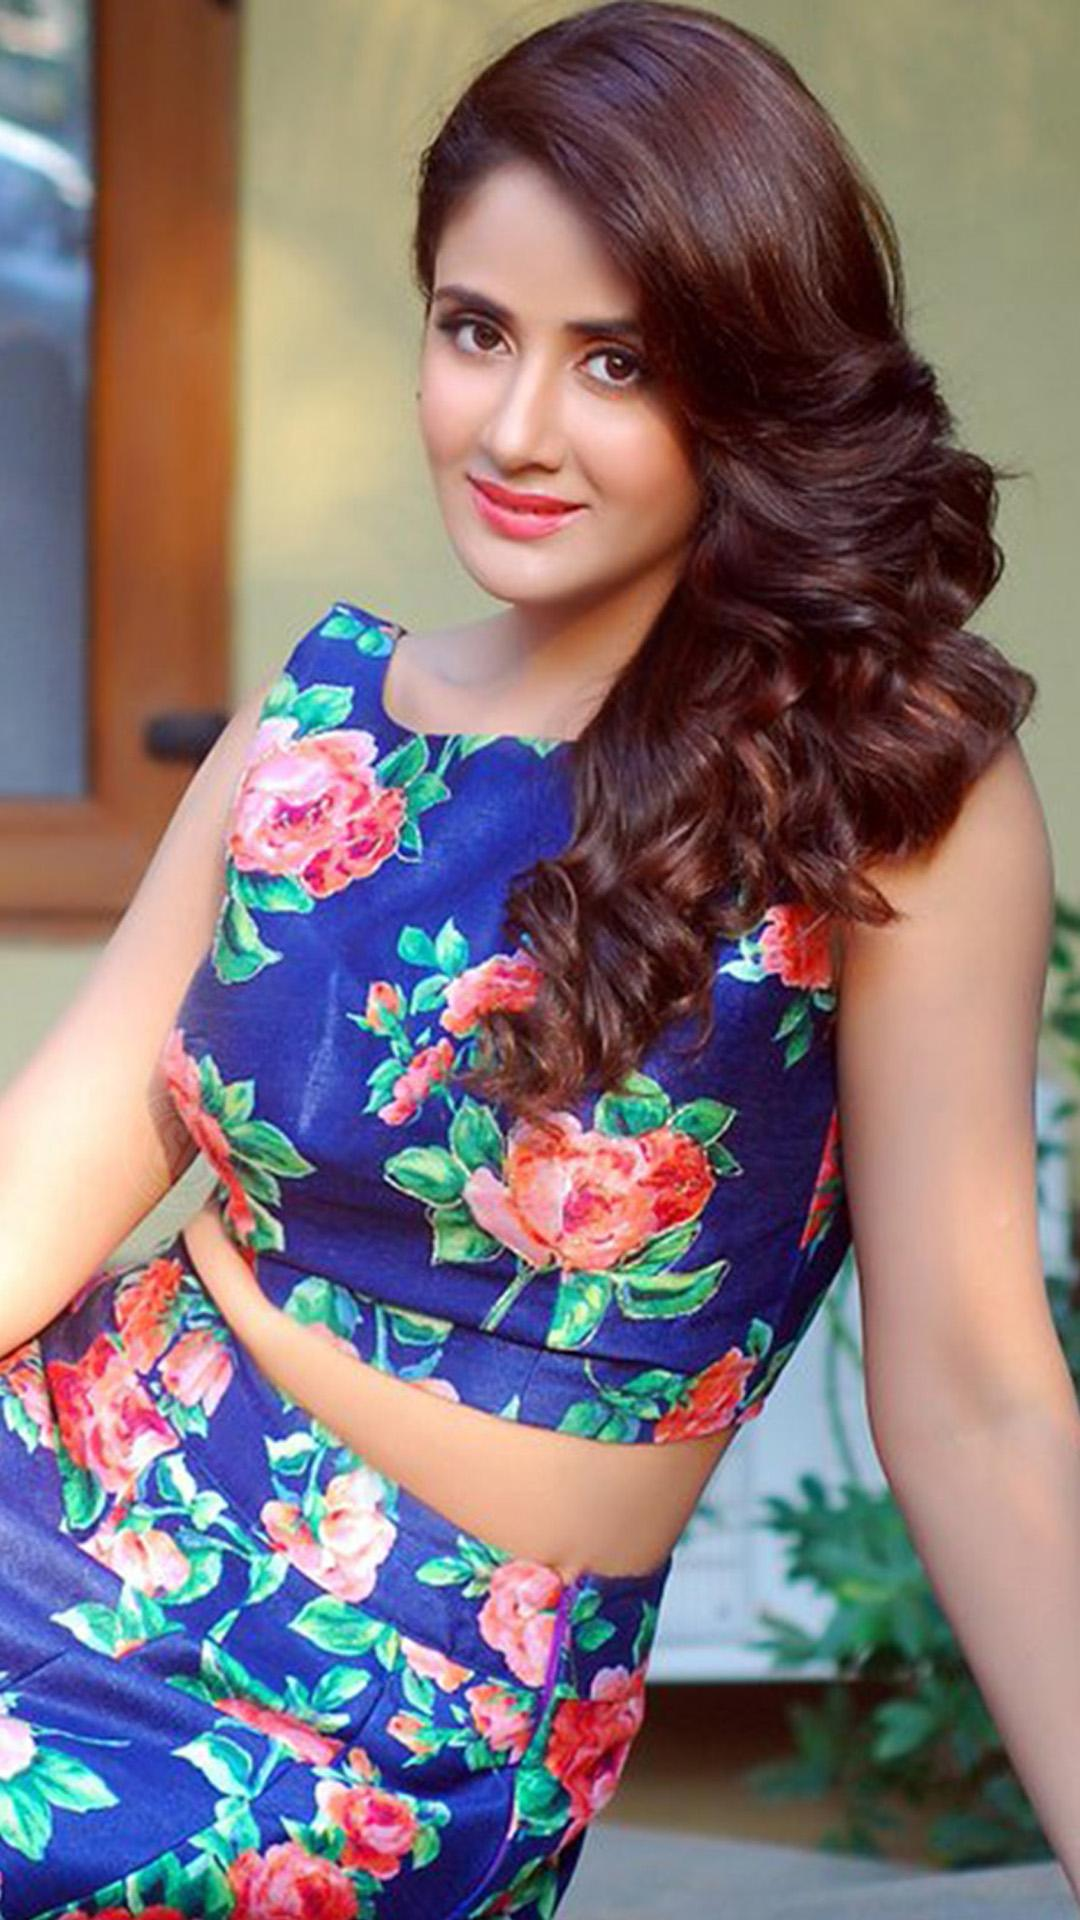 4k Ultra Hd Actress Images